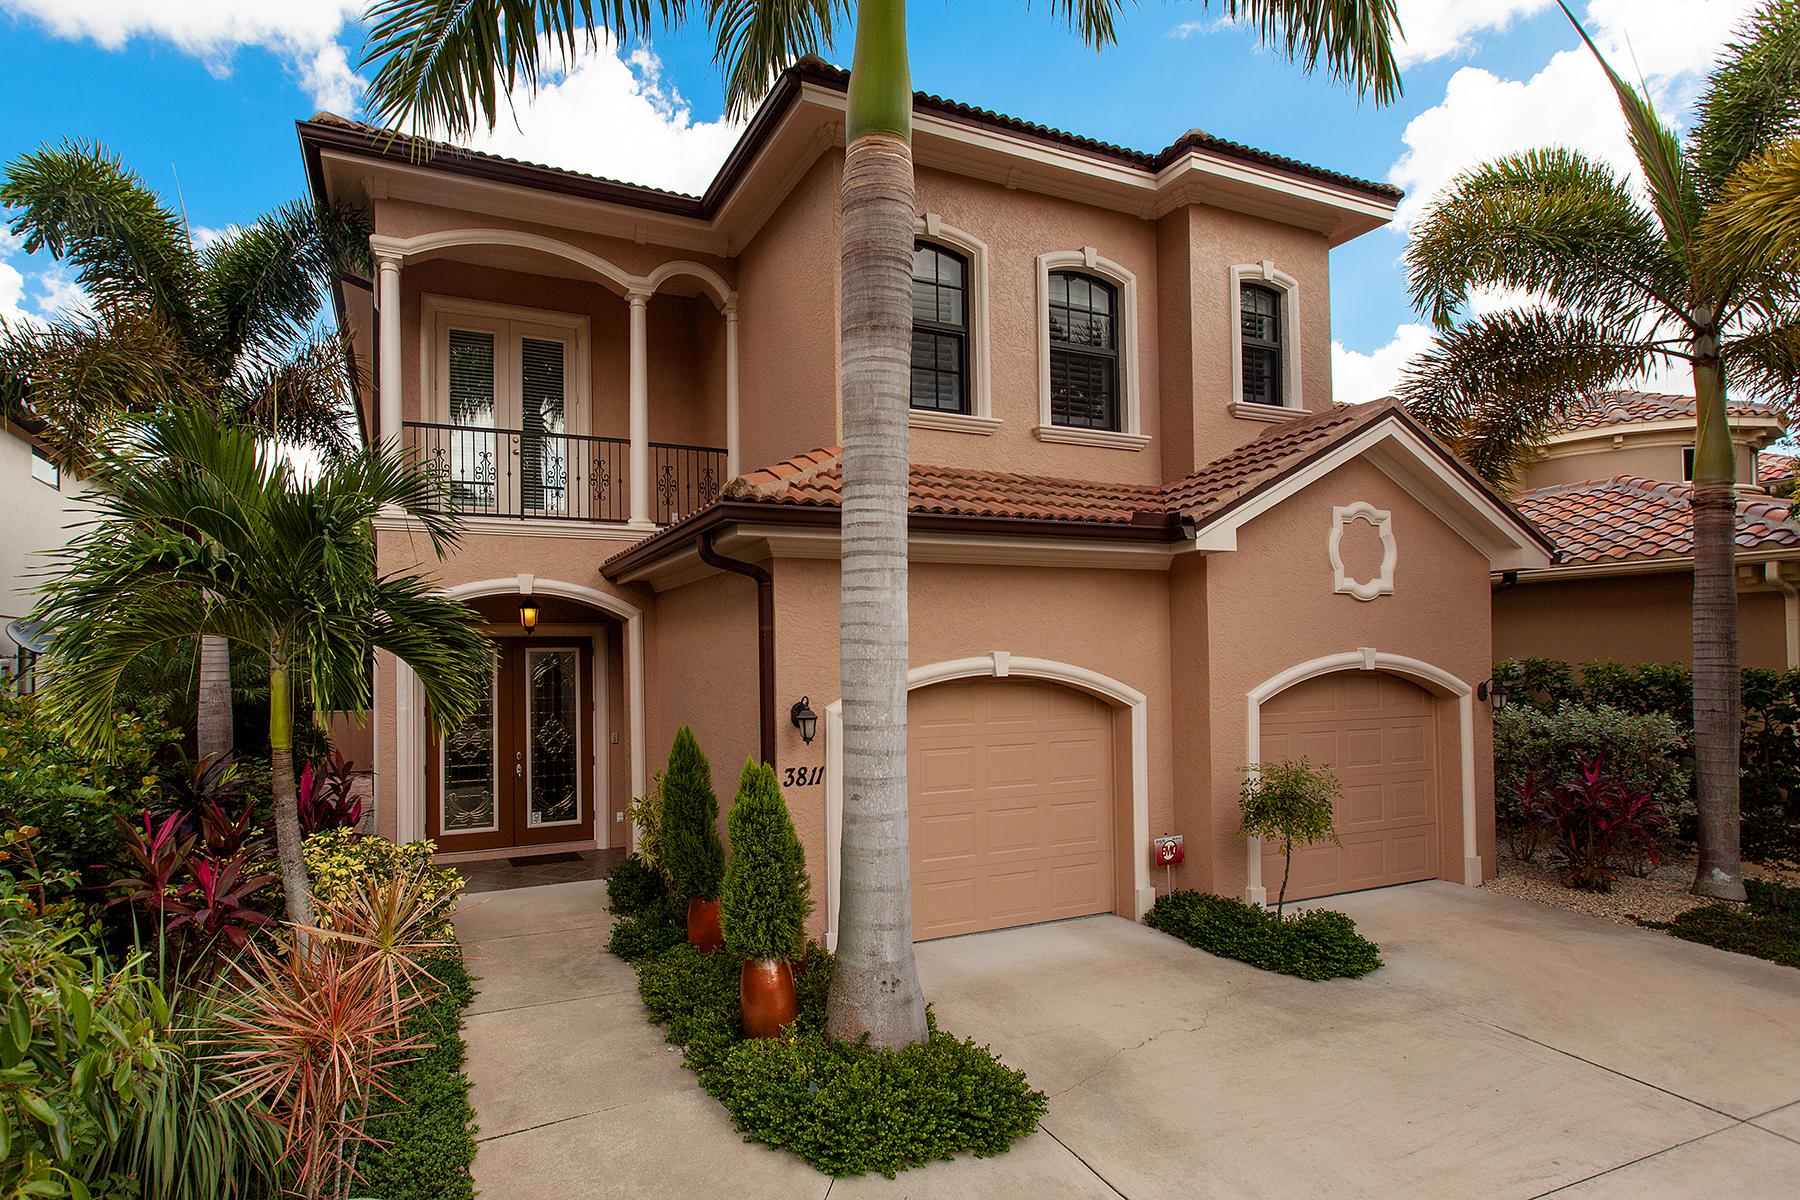 단독 가정 주택 용 매매 에 WEST OF TRAIL 3811 Camino Real Sarasota, 플로리다 34239 미국